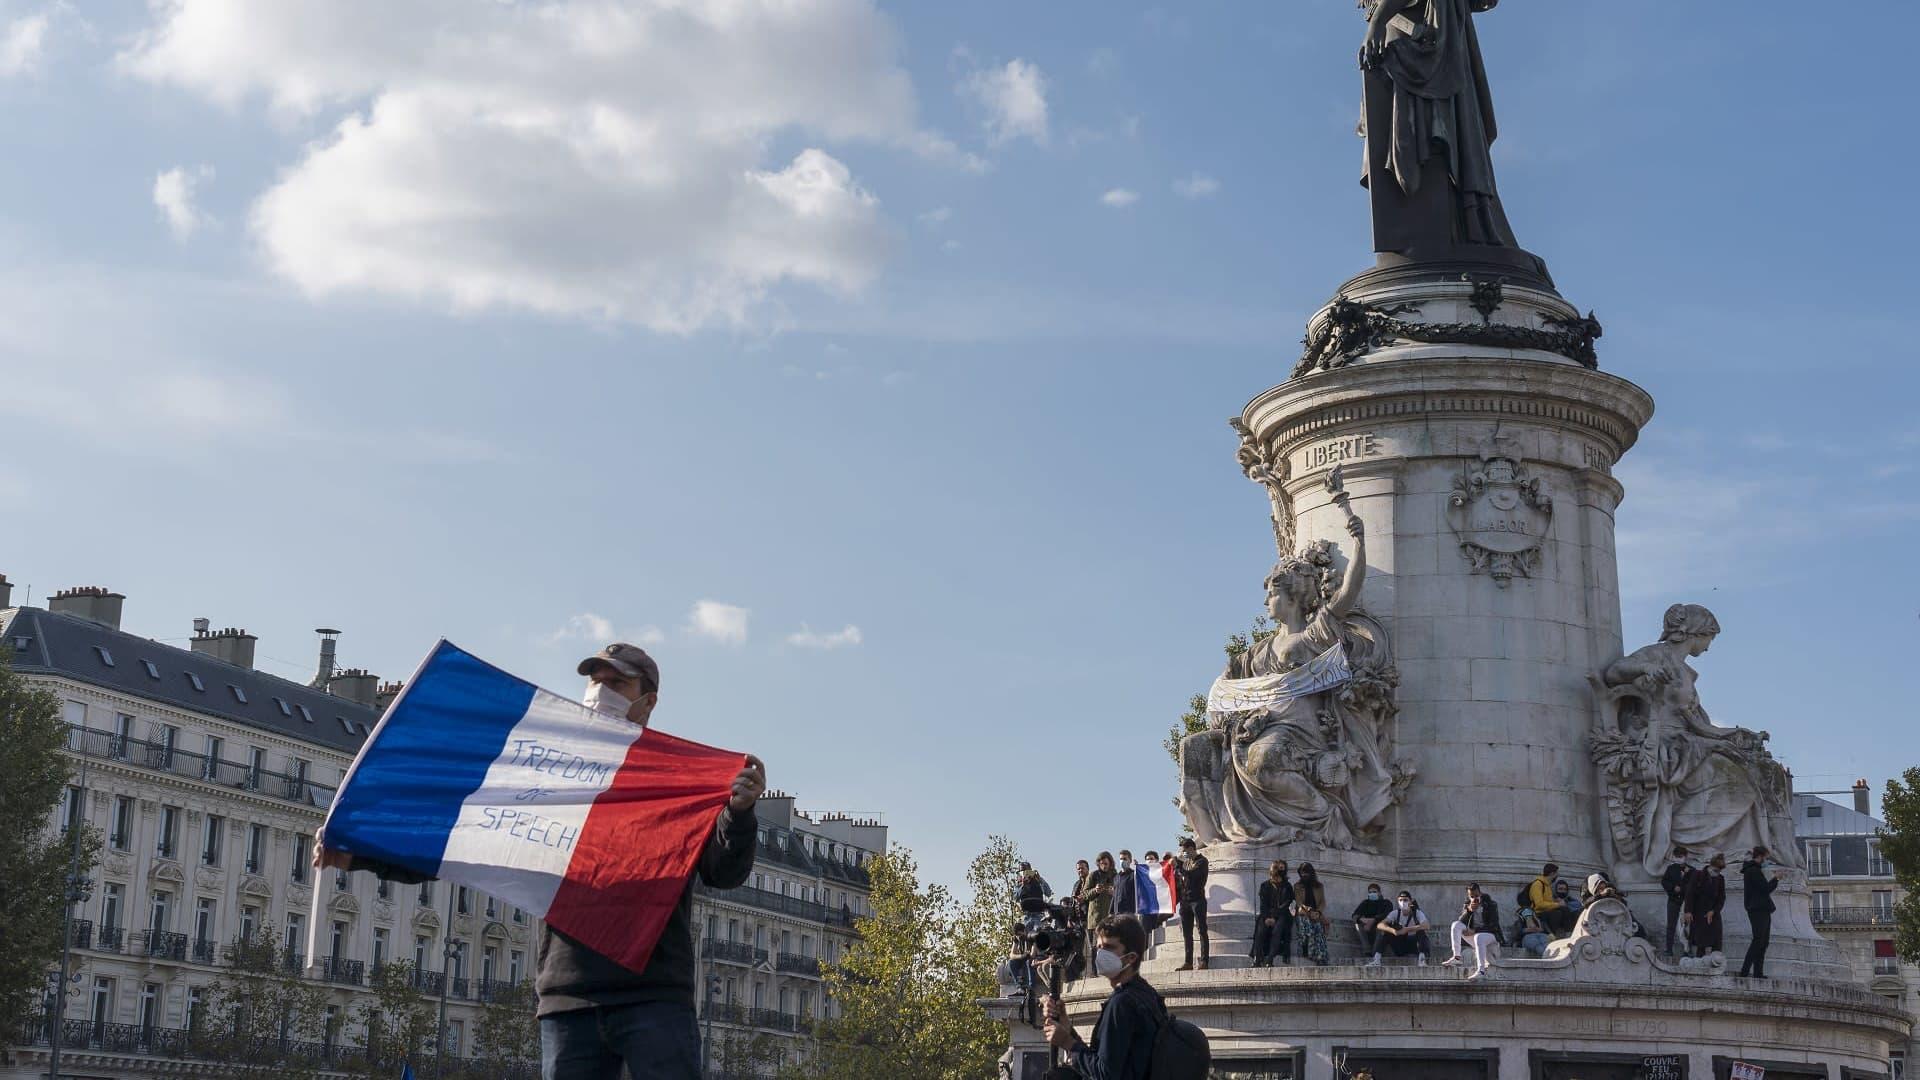 Mies pitelee Ranskan lippua aukiolle, jossa on myös paljon muita ihmisiä.